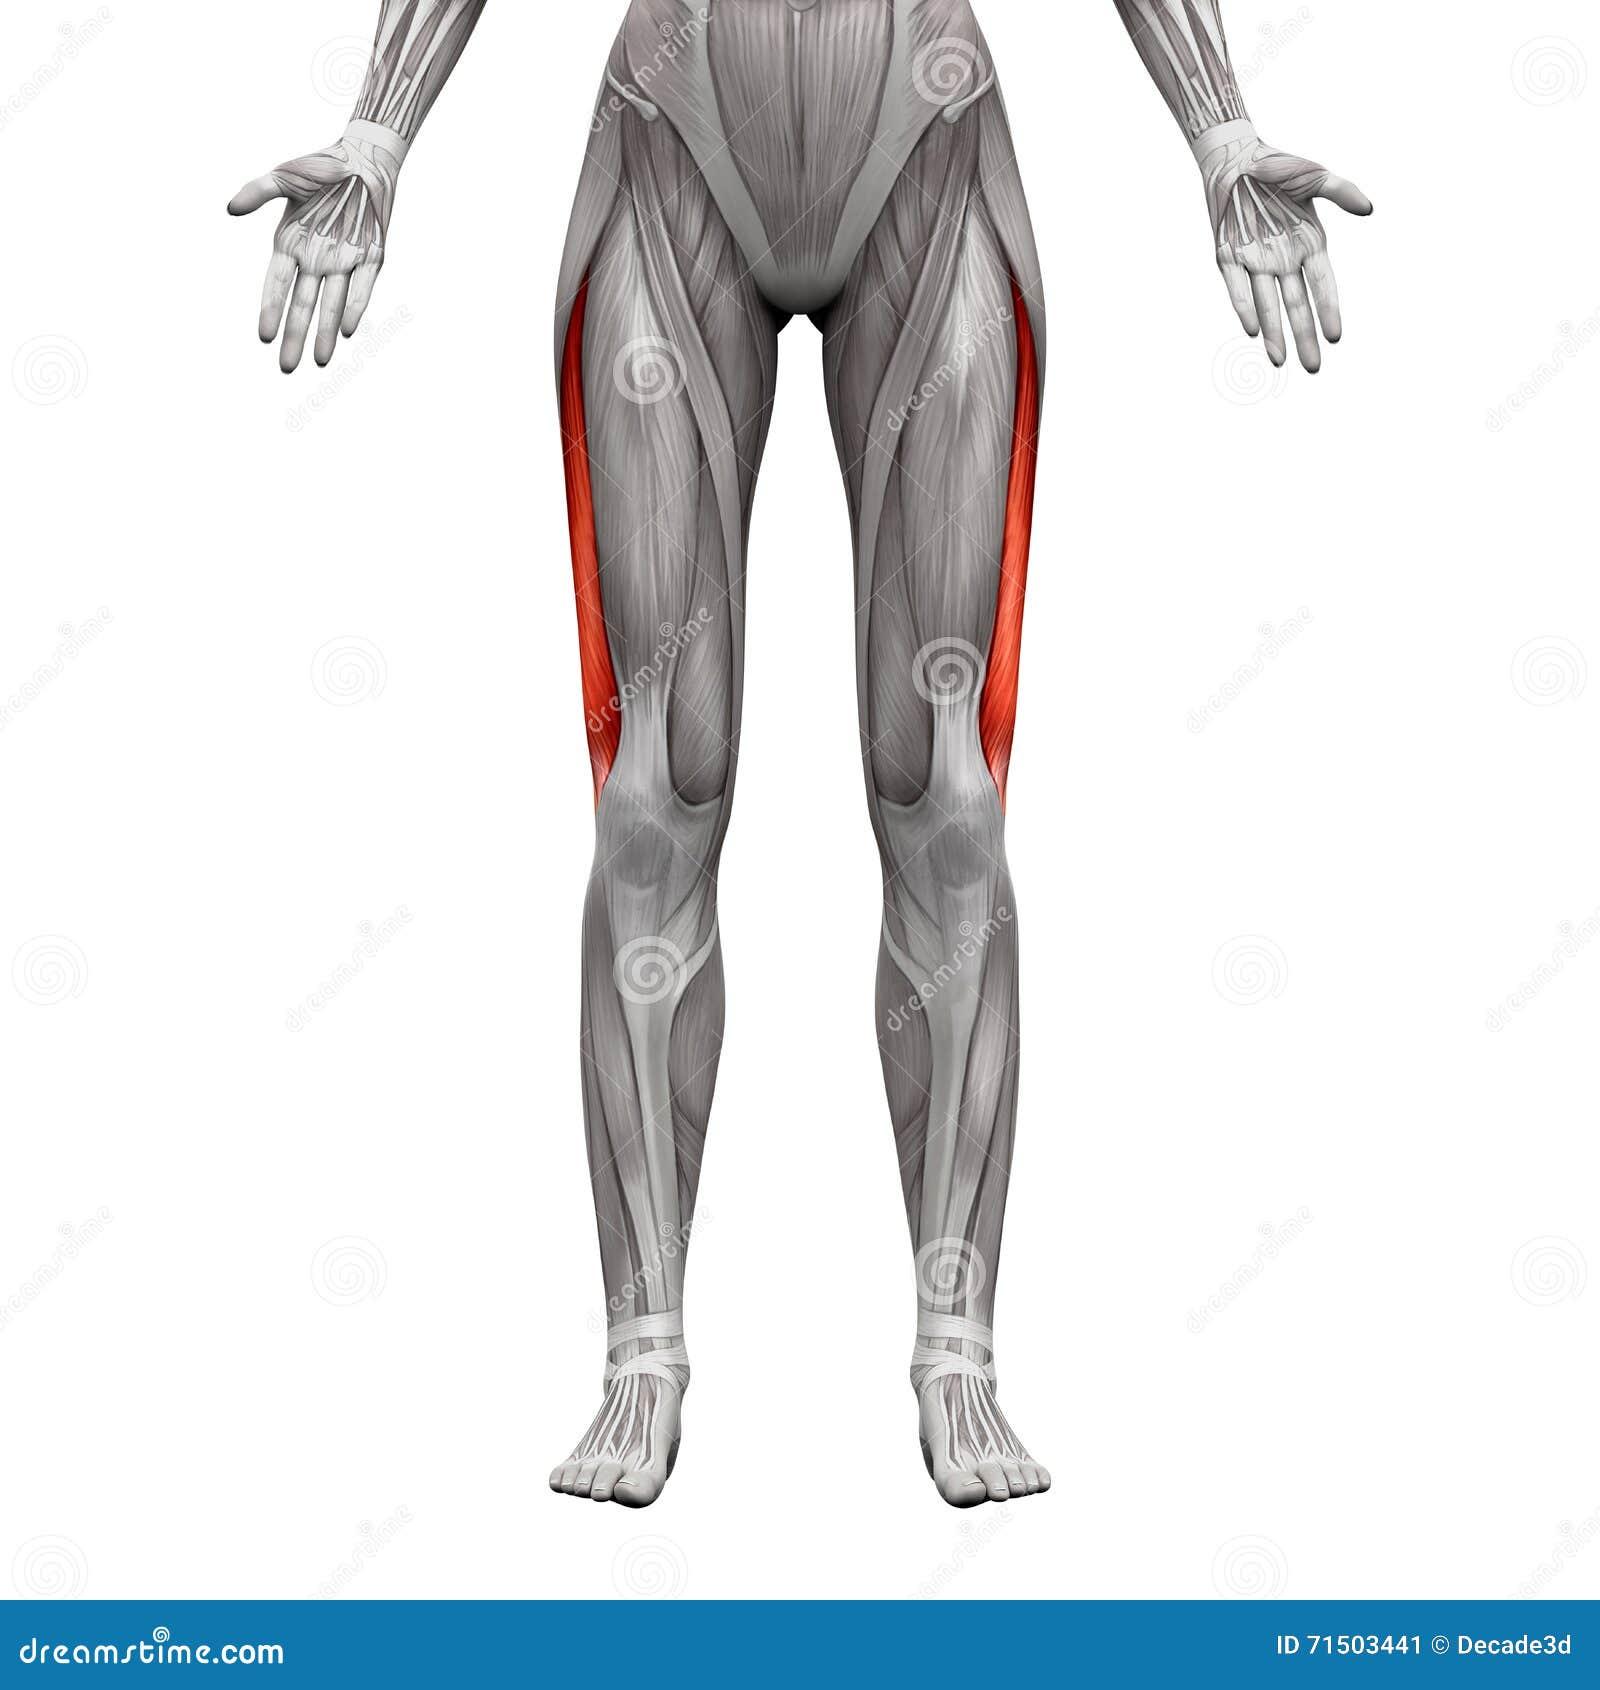 Vastus Lateralis-Muskel - Anatomie-Muskeln lokalisiert auf weiß- 3D